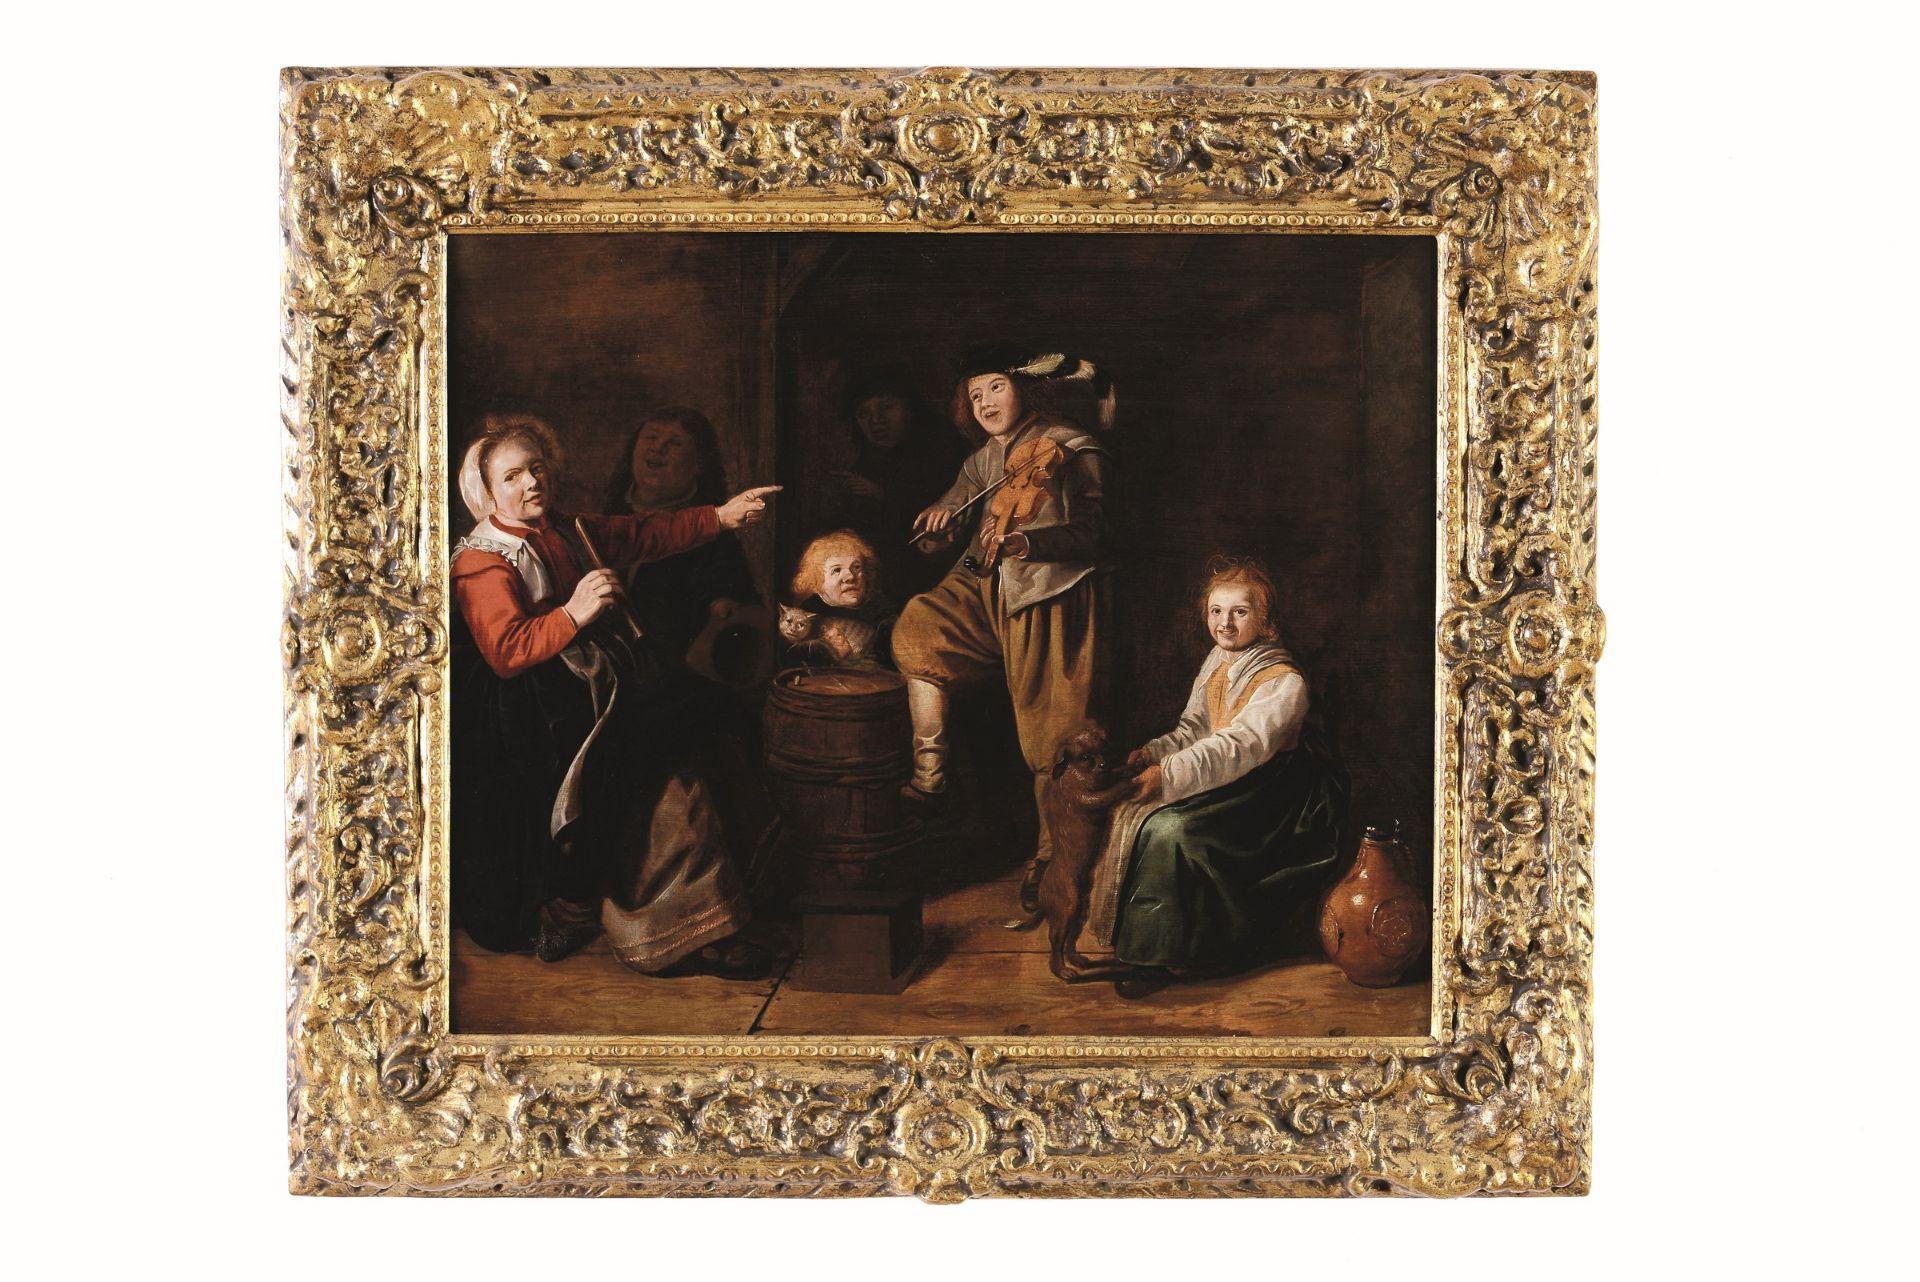 Los 60 - Jan Miense Molenaer (Haarlem 1610-1668), Interno con ragazzi che suonano - olio su [...]